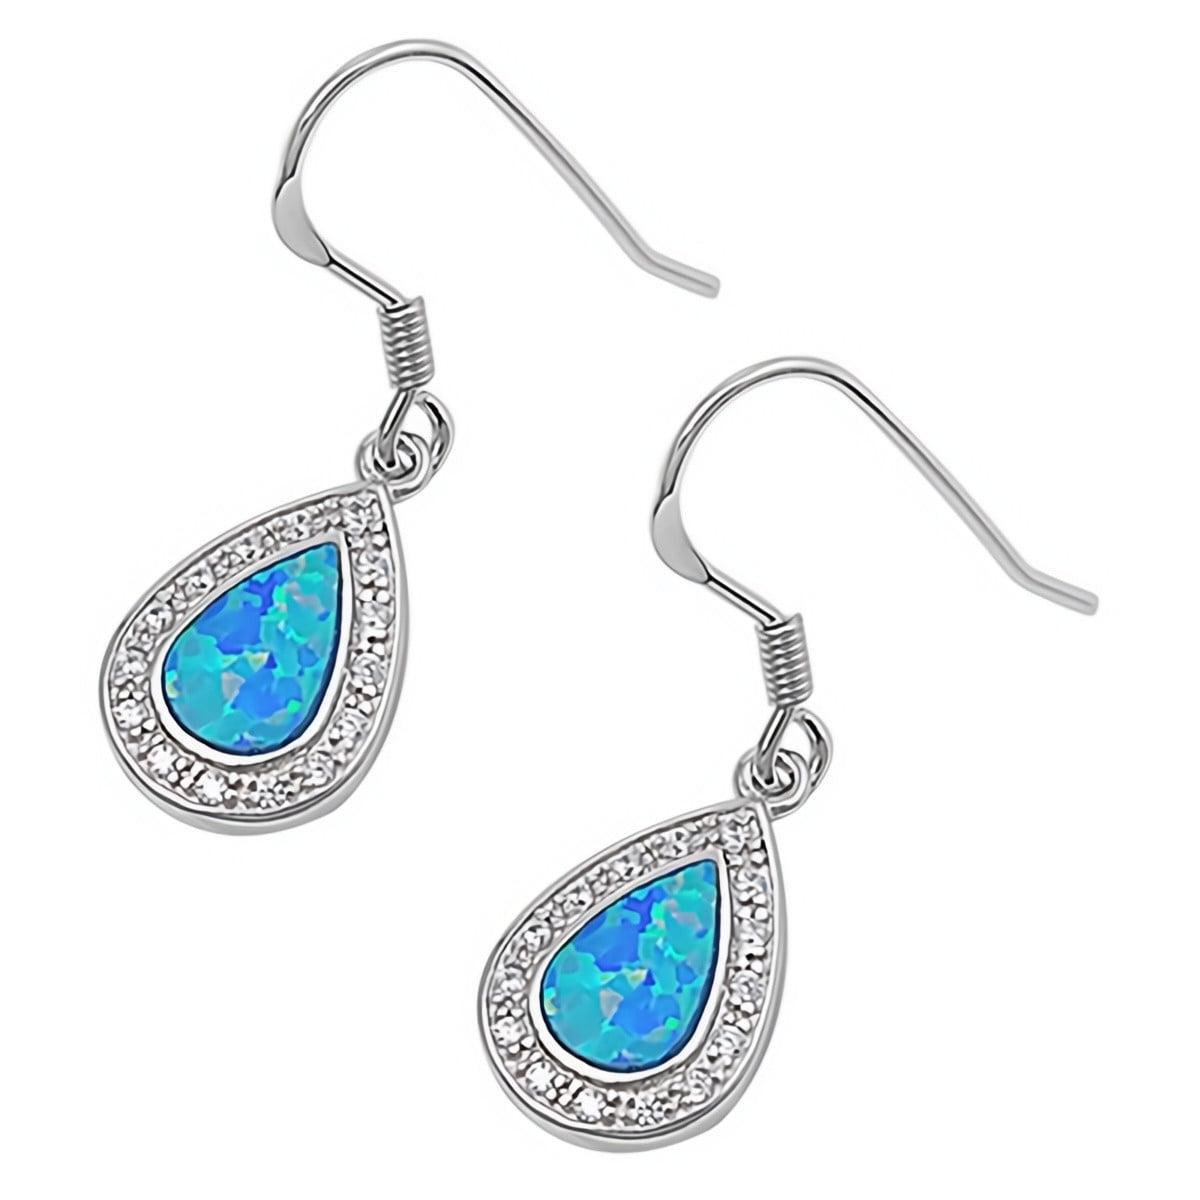 Glitzs Jewels 925 Sterling Silver Created Opal Earrings Blue Turtle | Cute Jewelry Gift